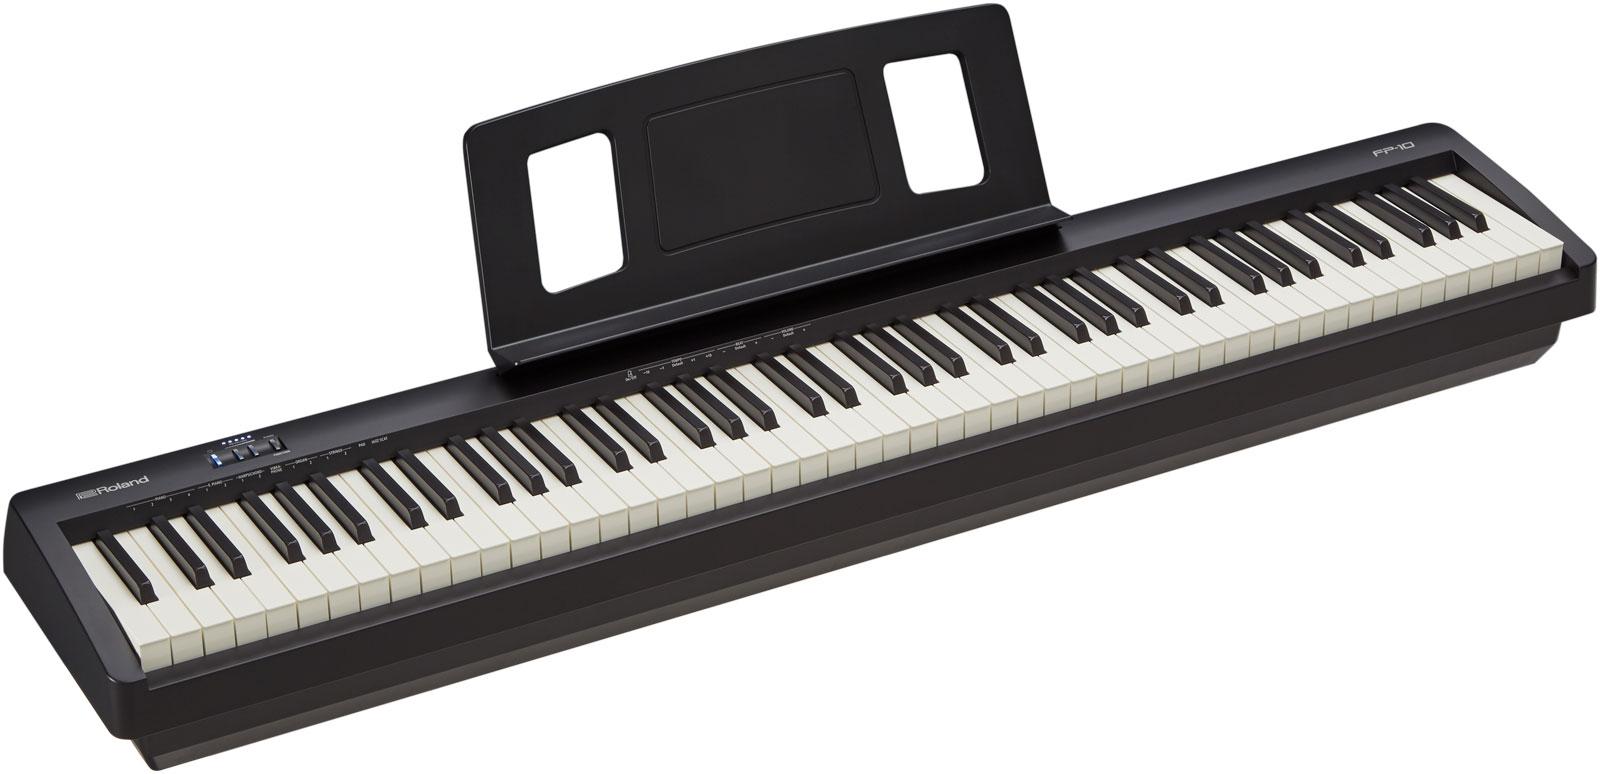 Claviers & Pianos - PIANOS NUMERIQUES - PORTABLE - ROLAND - FP-10-BK - Royez Musik